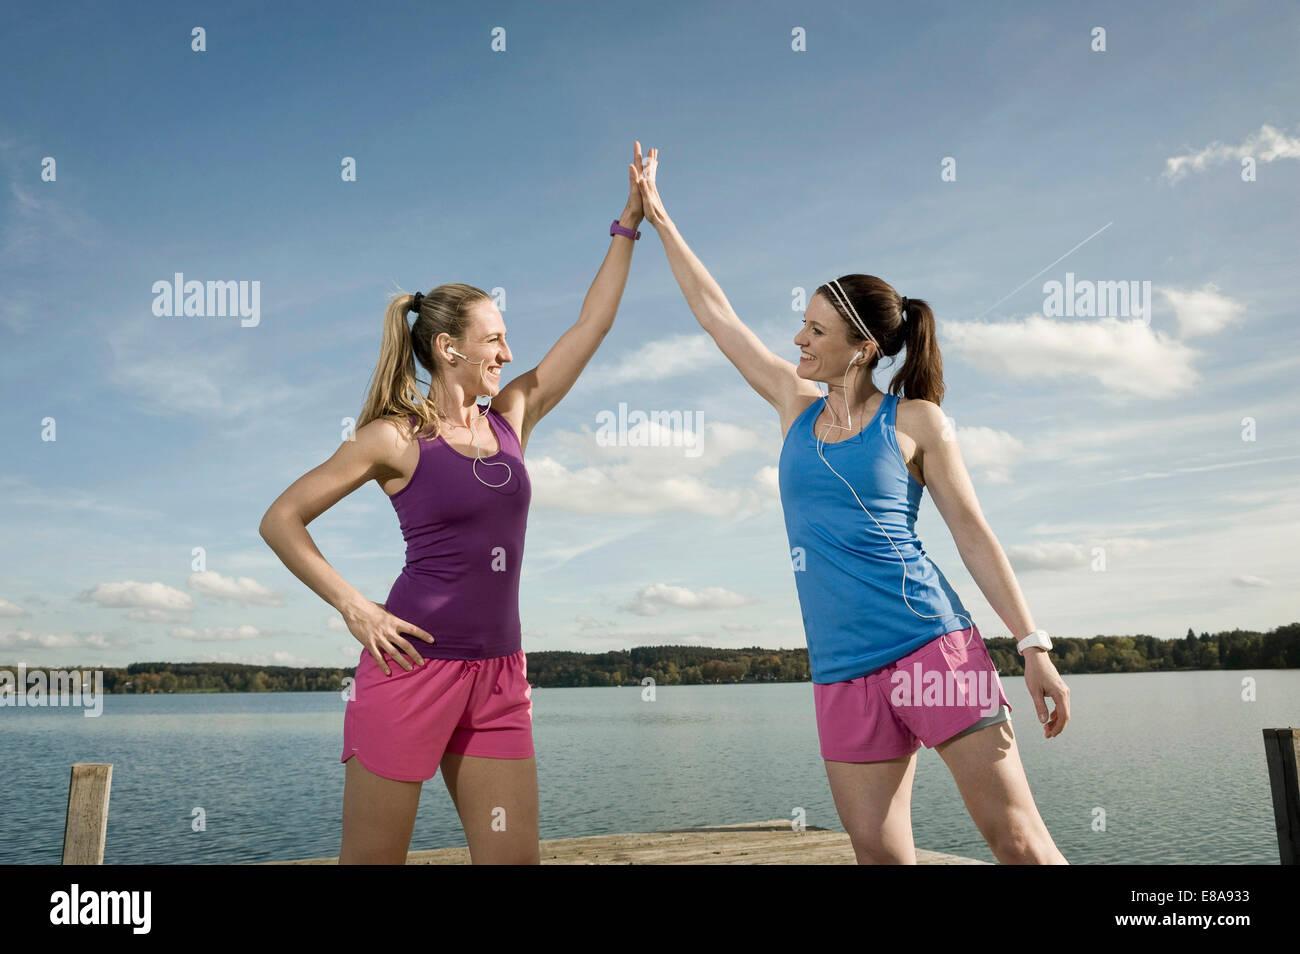 Joggen Frauen geben hohe fünf, Woerthsee, Bayern, Deutschland Stockbild